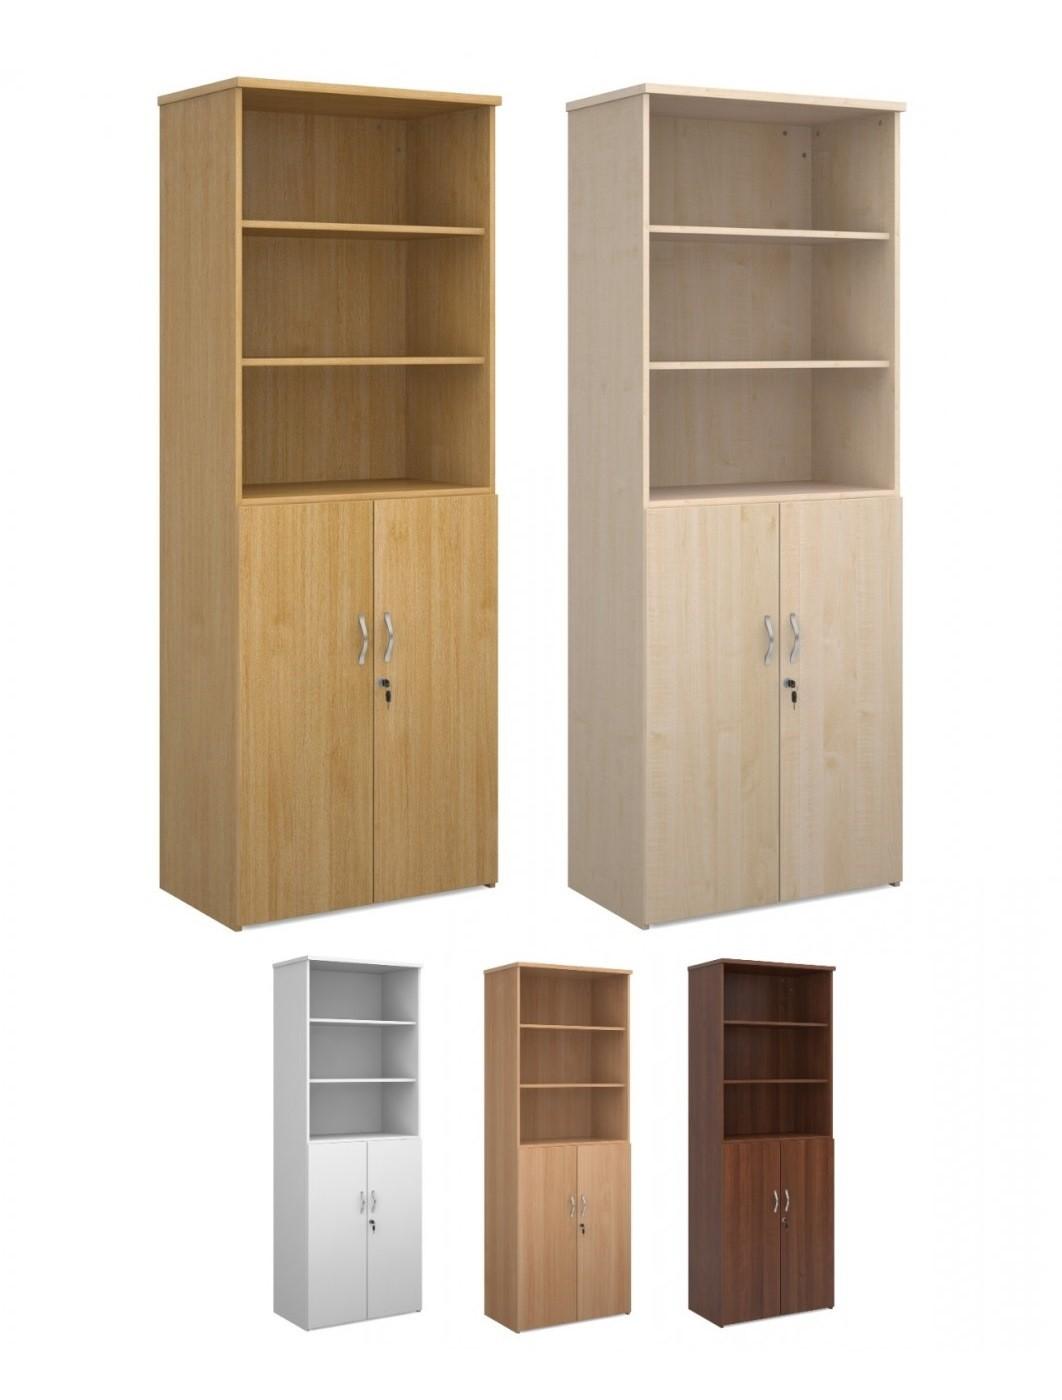 Maple Tall 1790mm Combination Unit Bookcase Cupboard Beech Oak,Walnut White